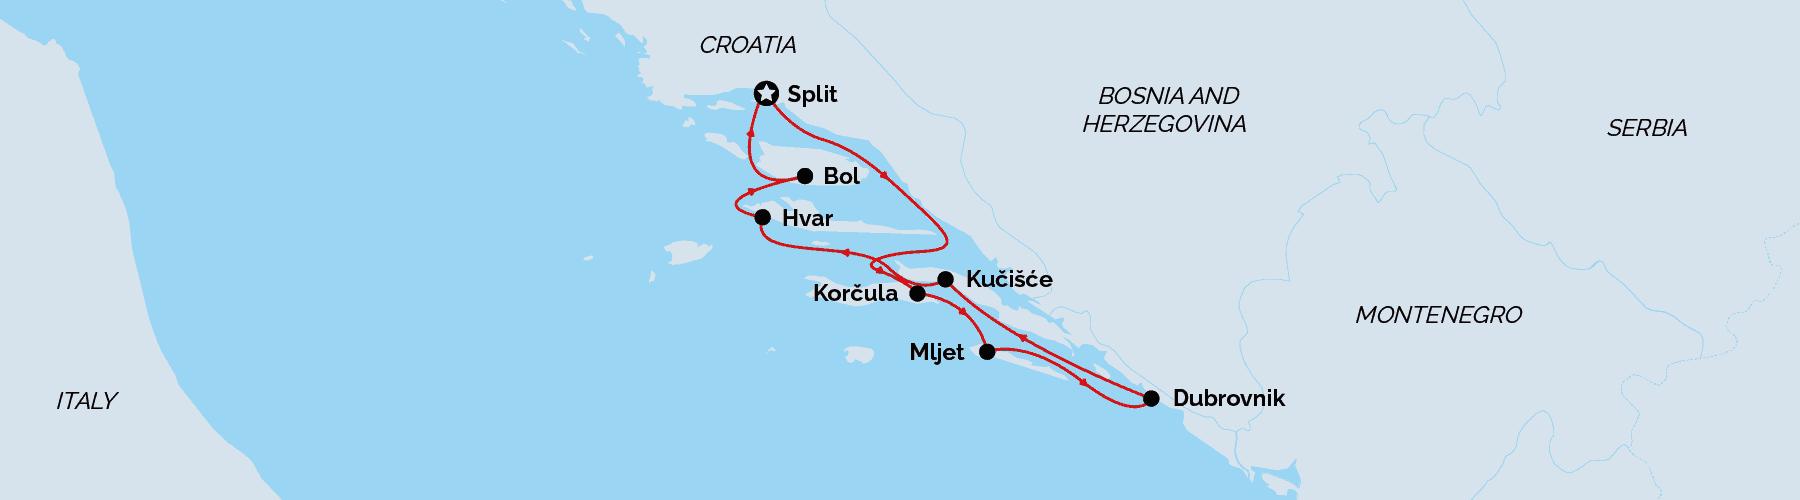 Deluxe Split return cruise map, Croatia